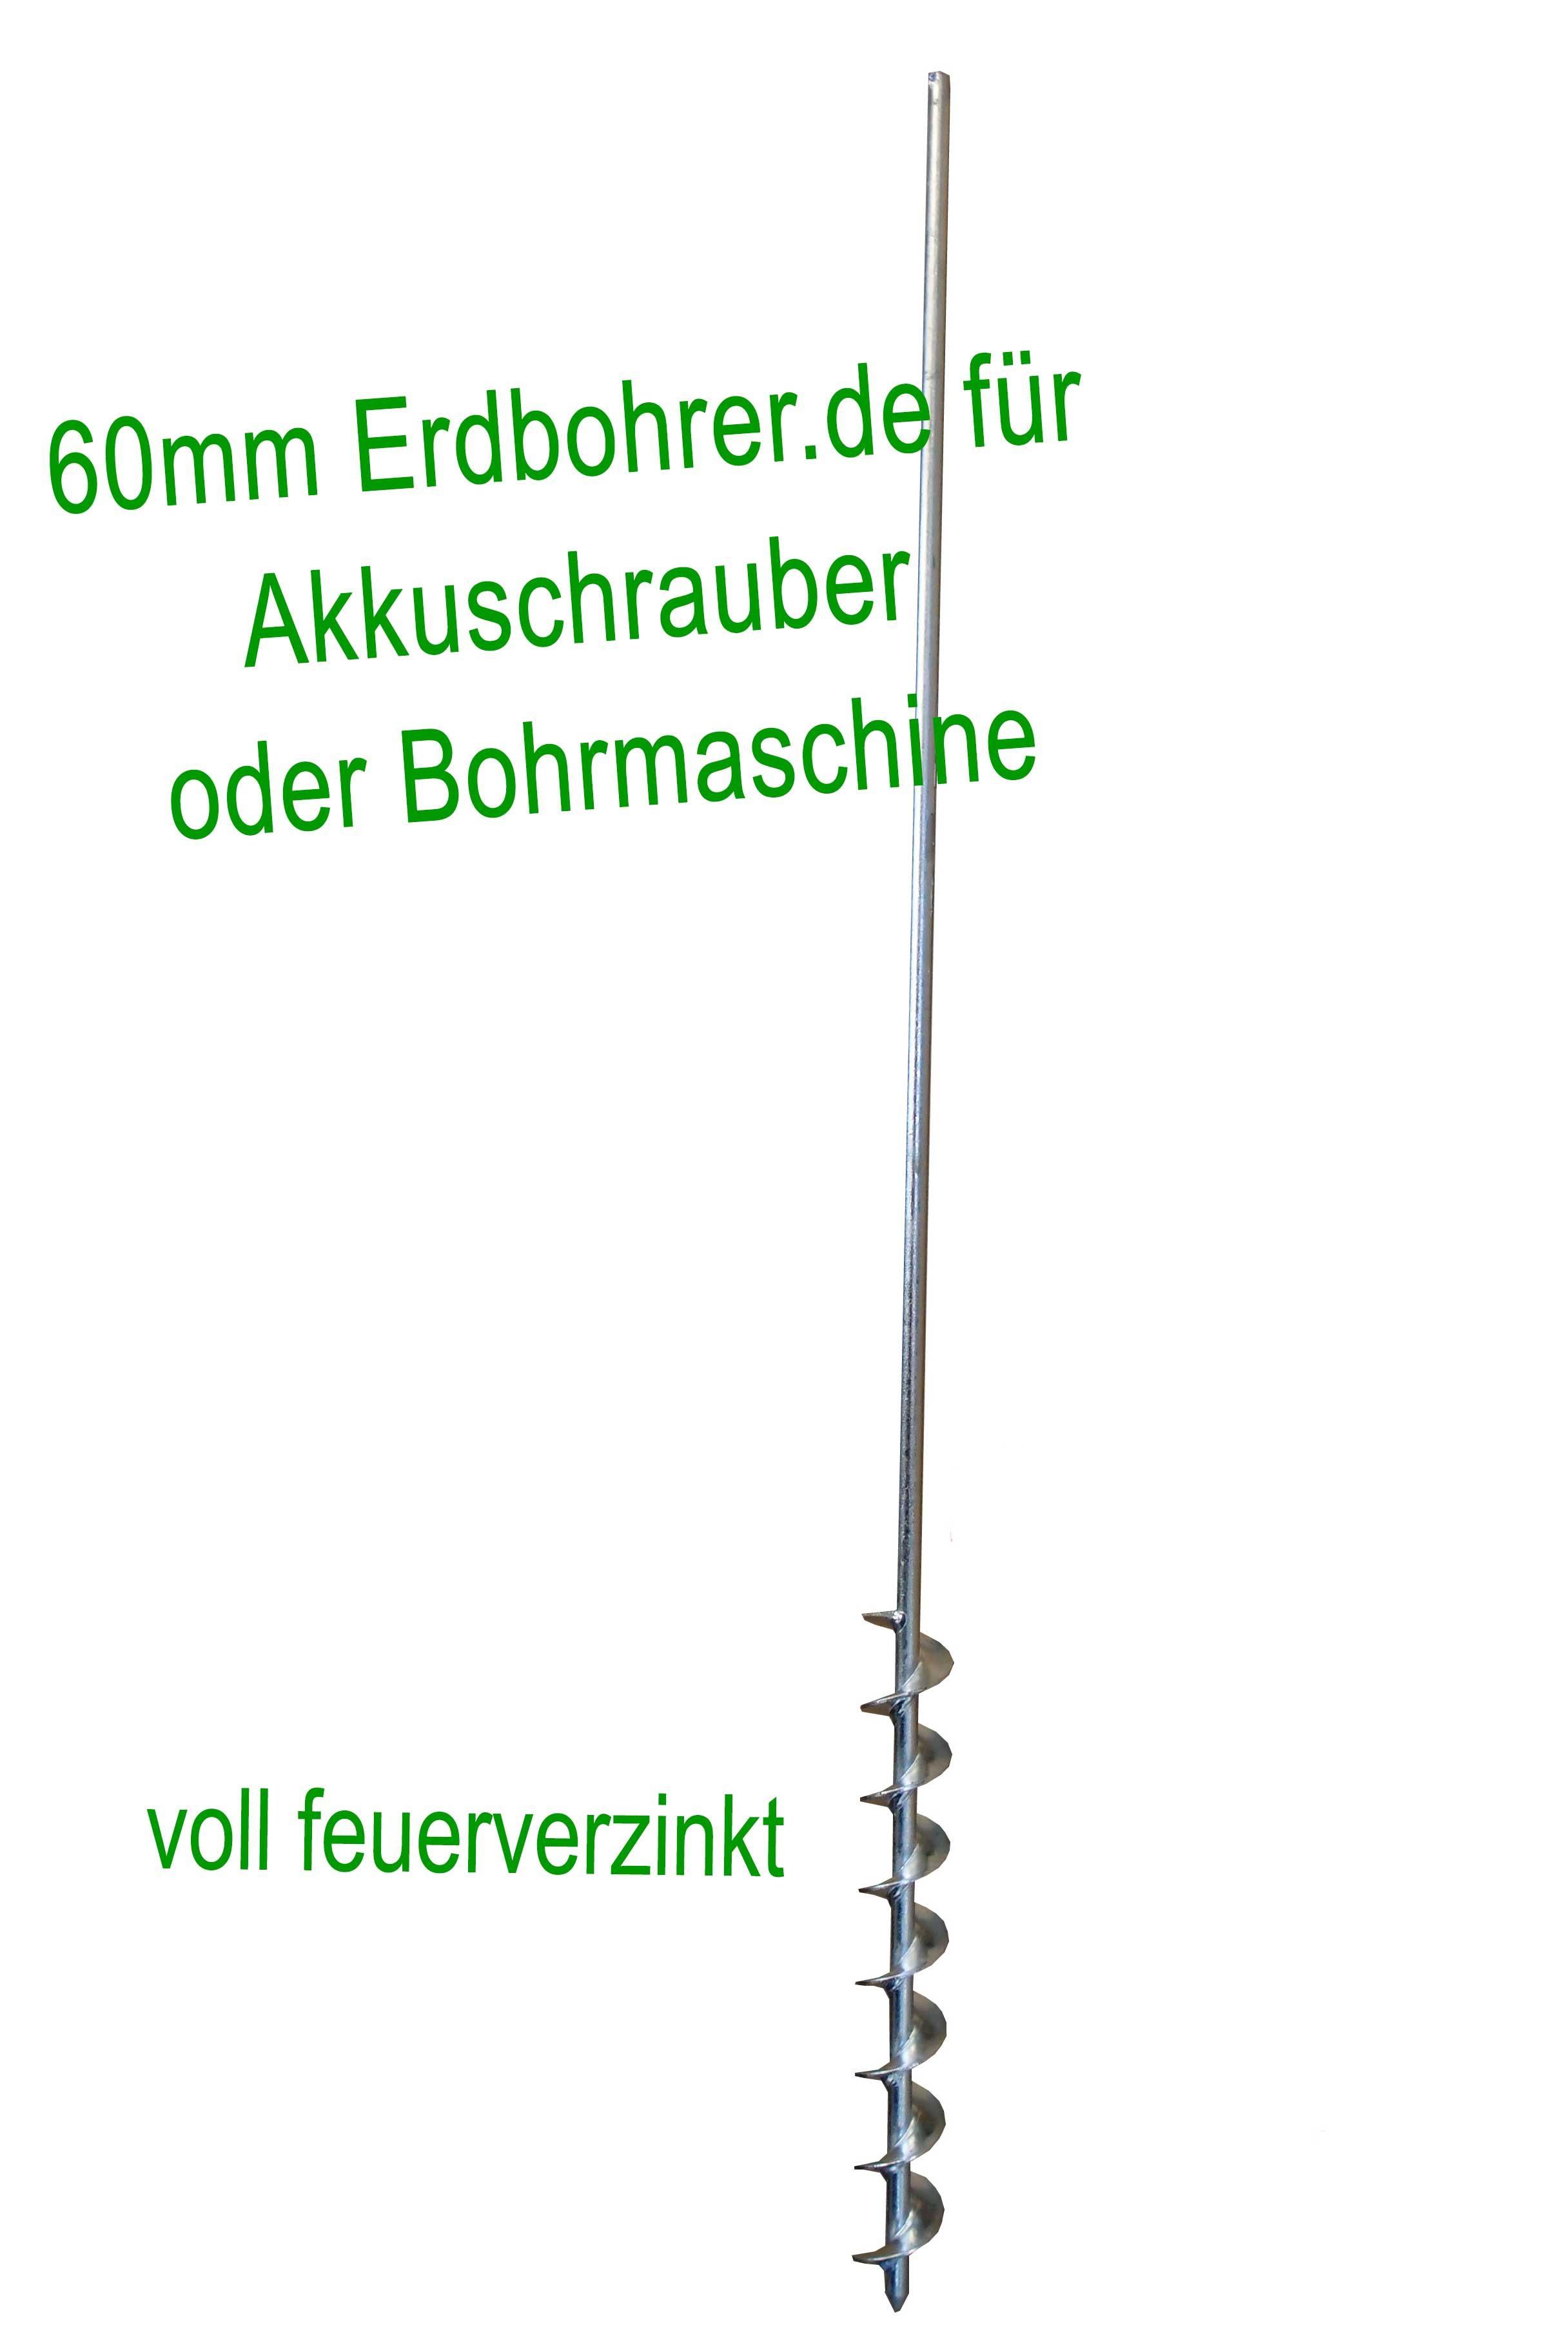 Erdbohrer 60mm 6 cm - 1m für Akkuschrauber